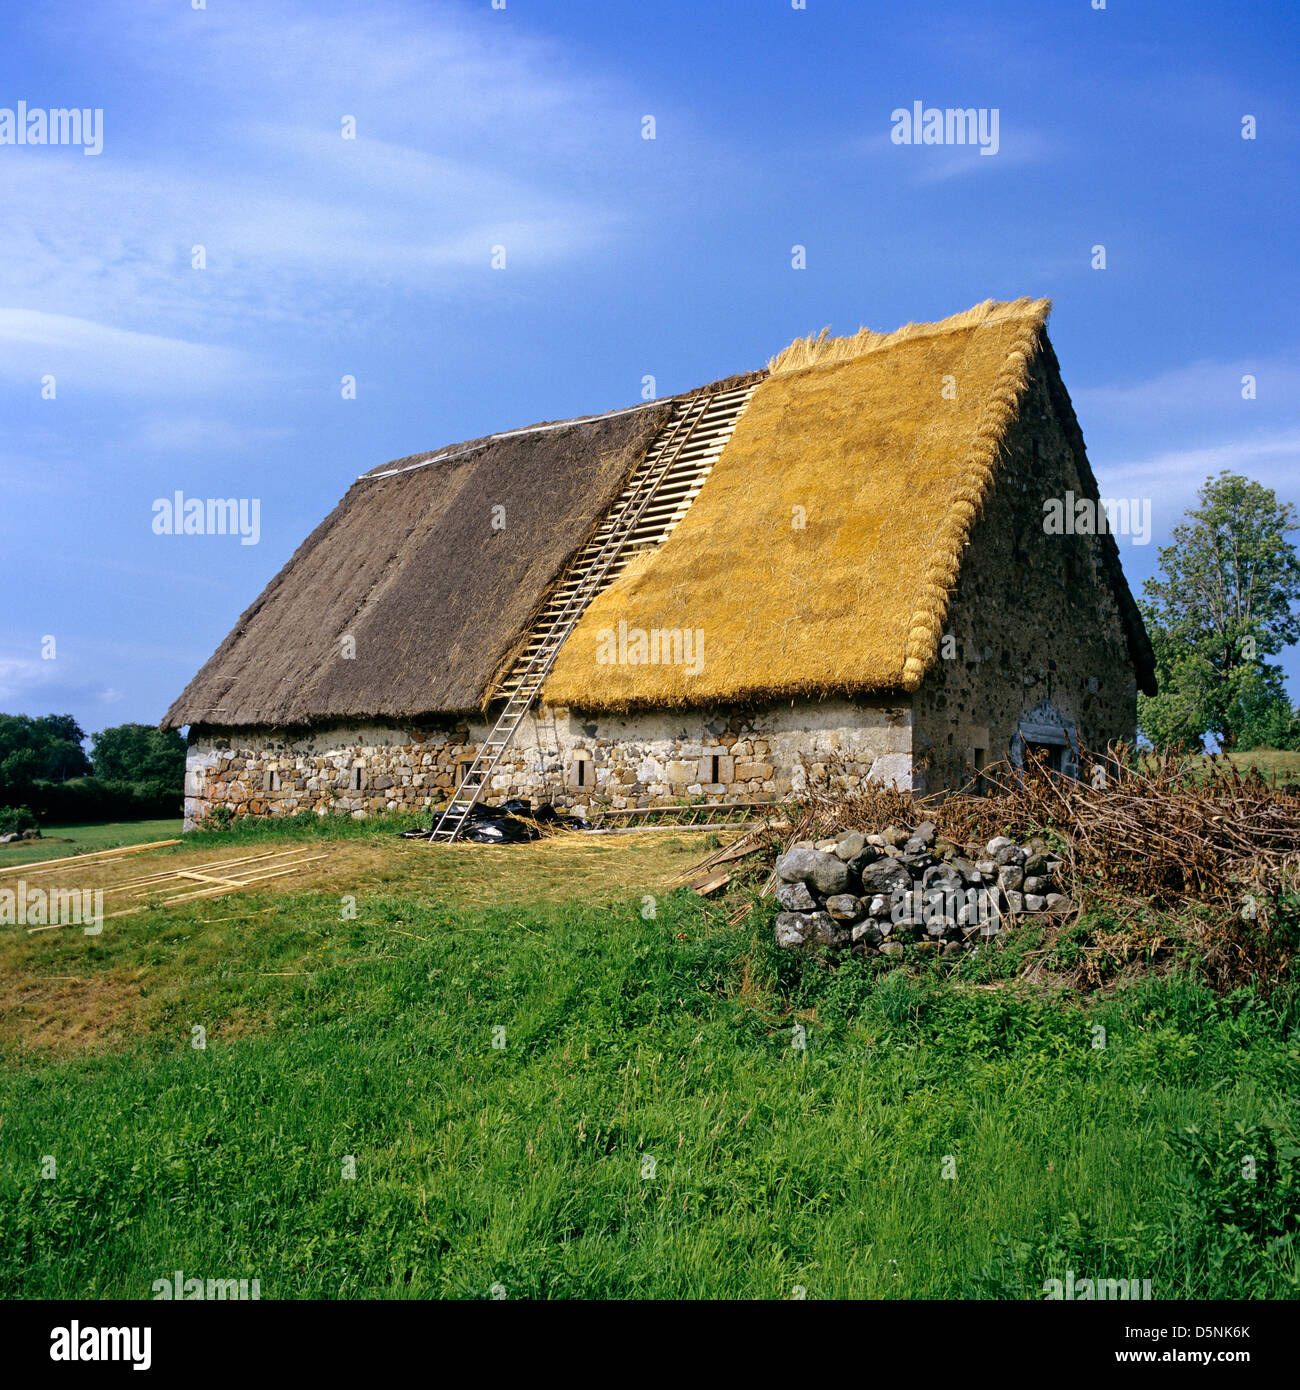 Restauración de un techo de paja en un granero viejo Imagen De Stock